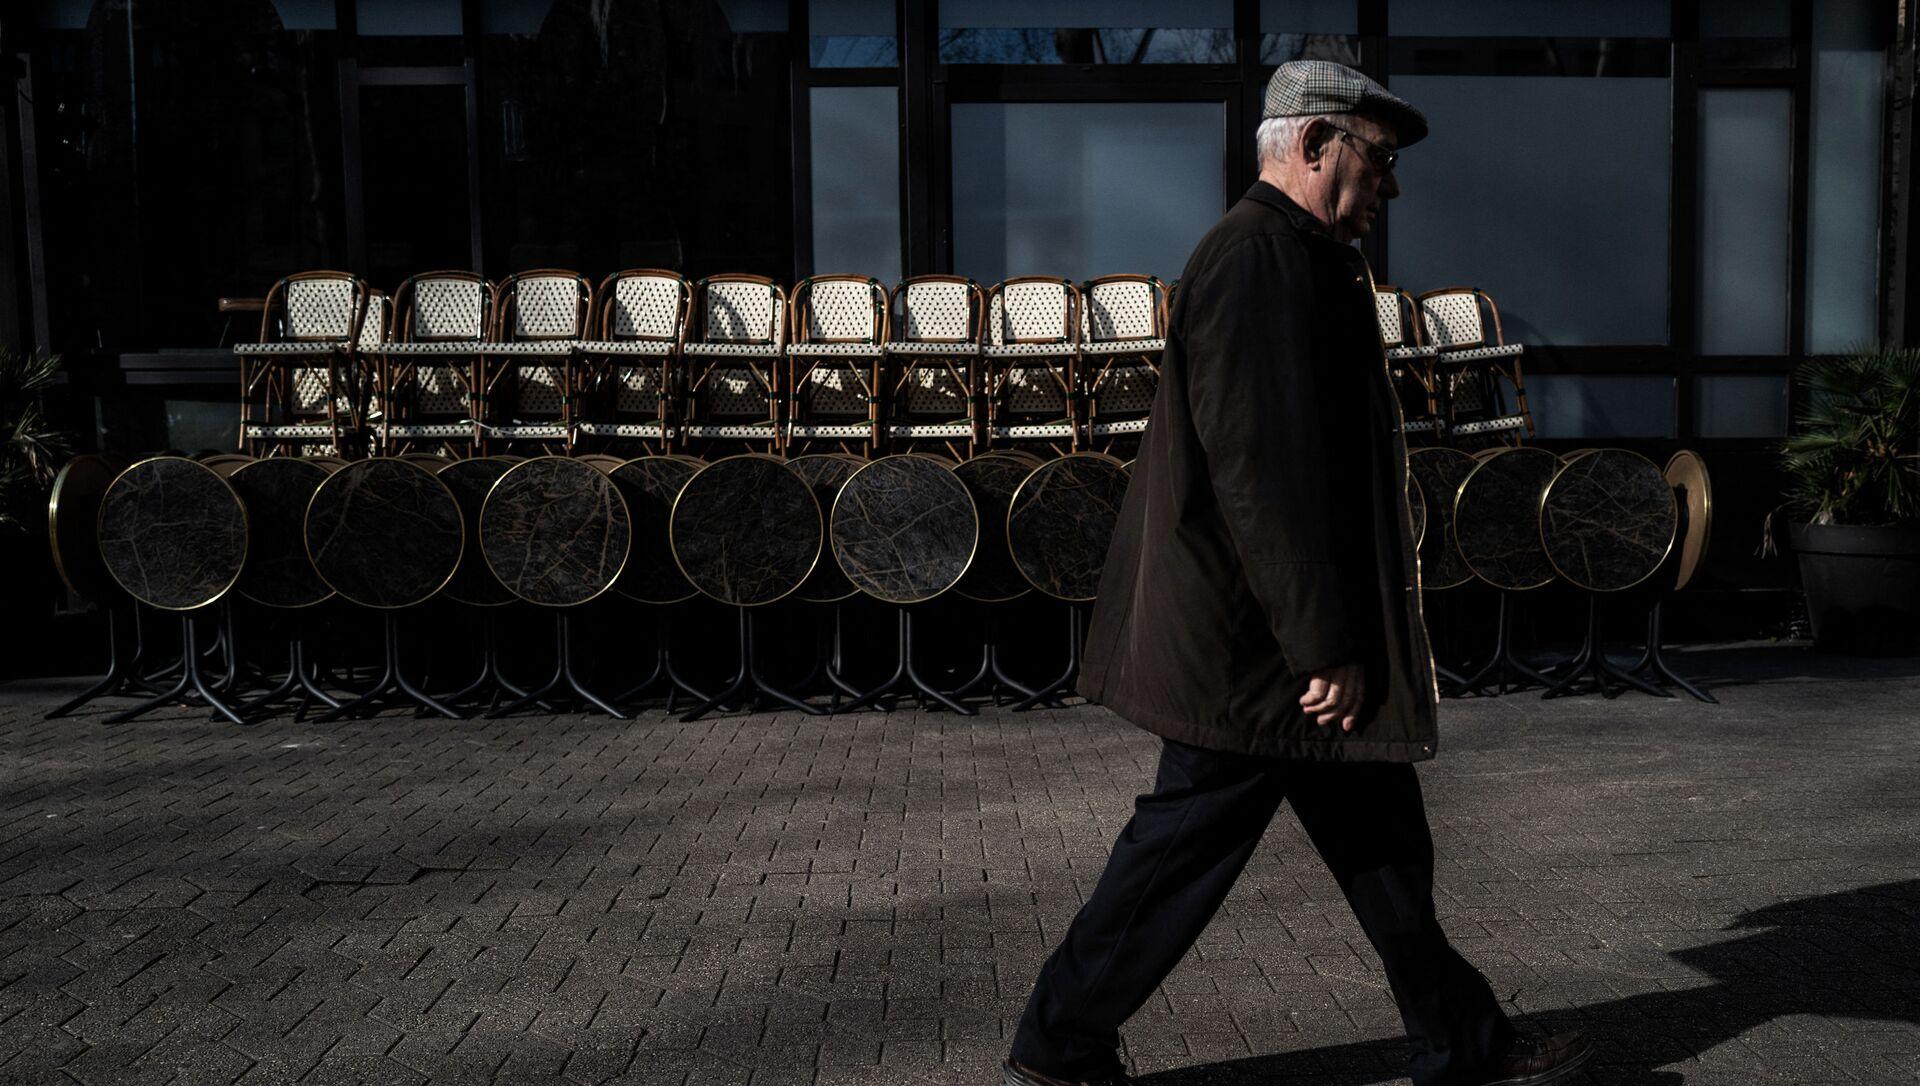 Un homme passe devant un restaurant fermé à Lyon, mars 2020 - Sputnik France, 1920, 24.03.2021